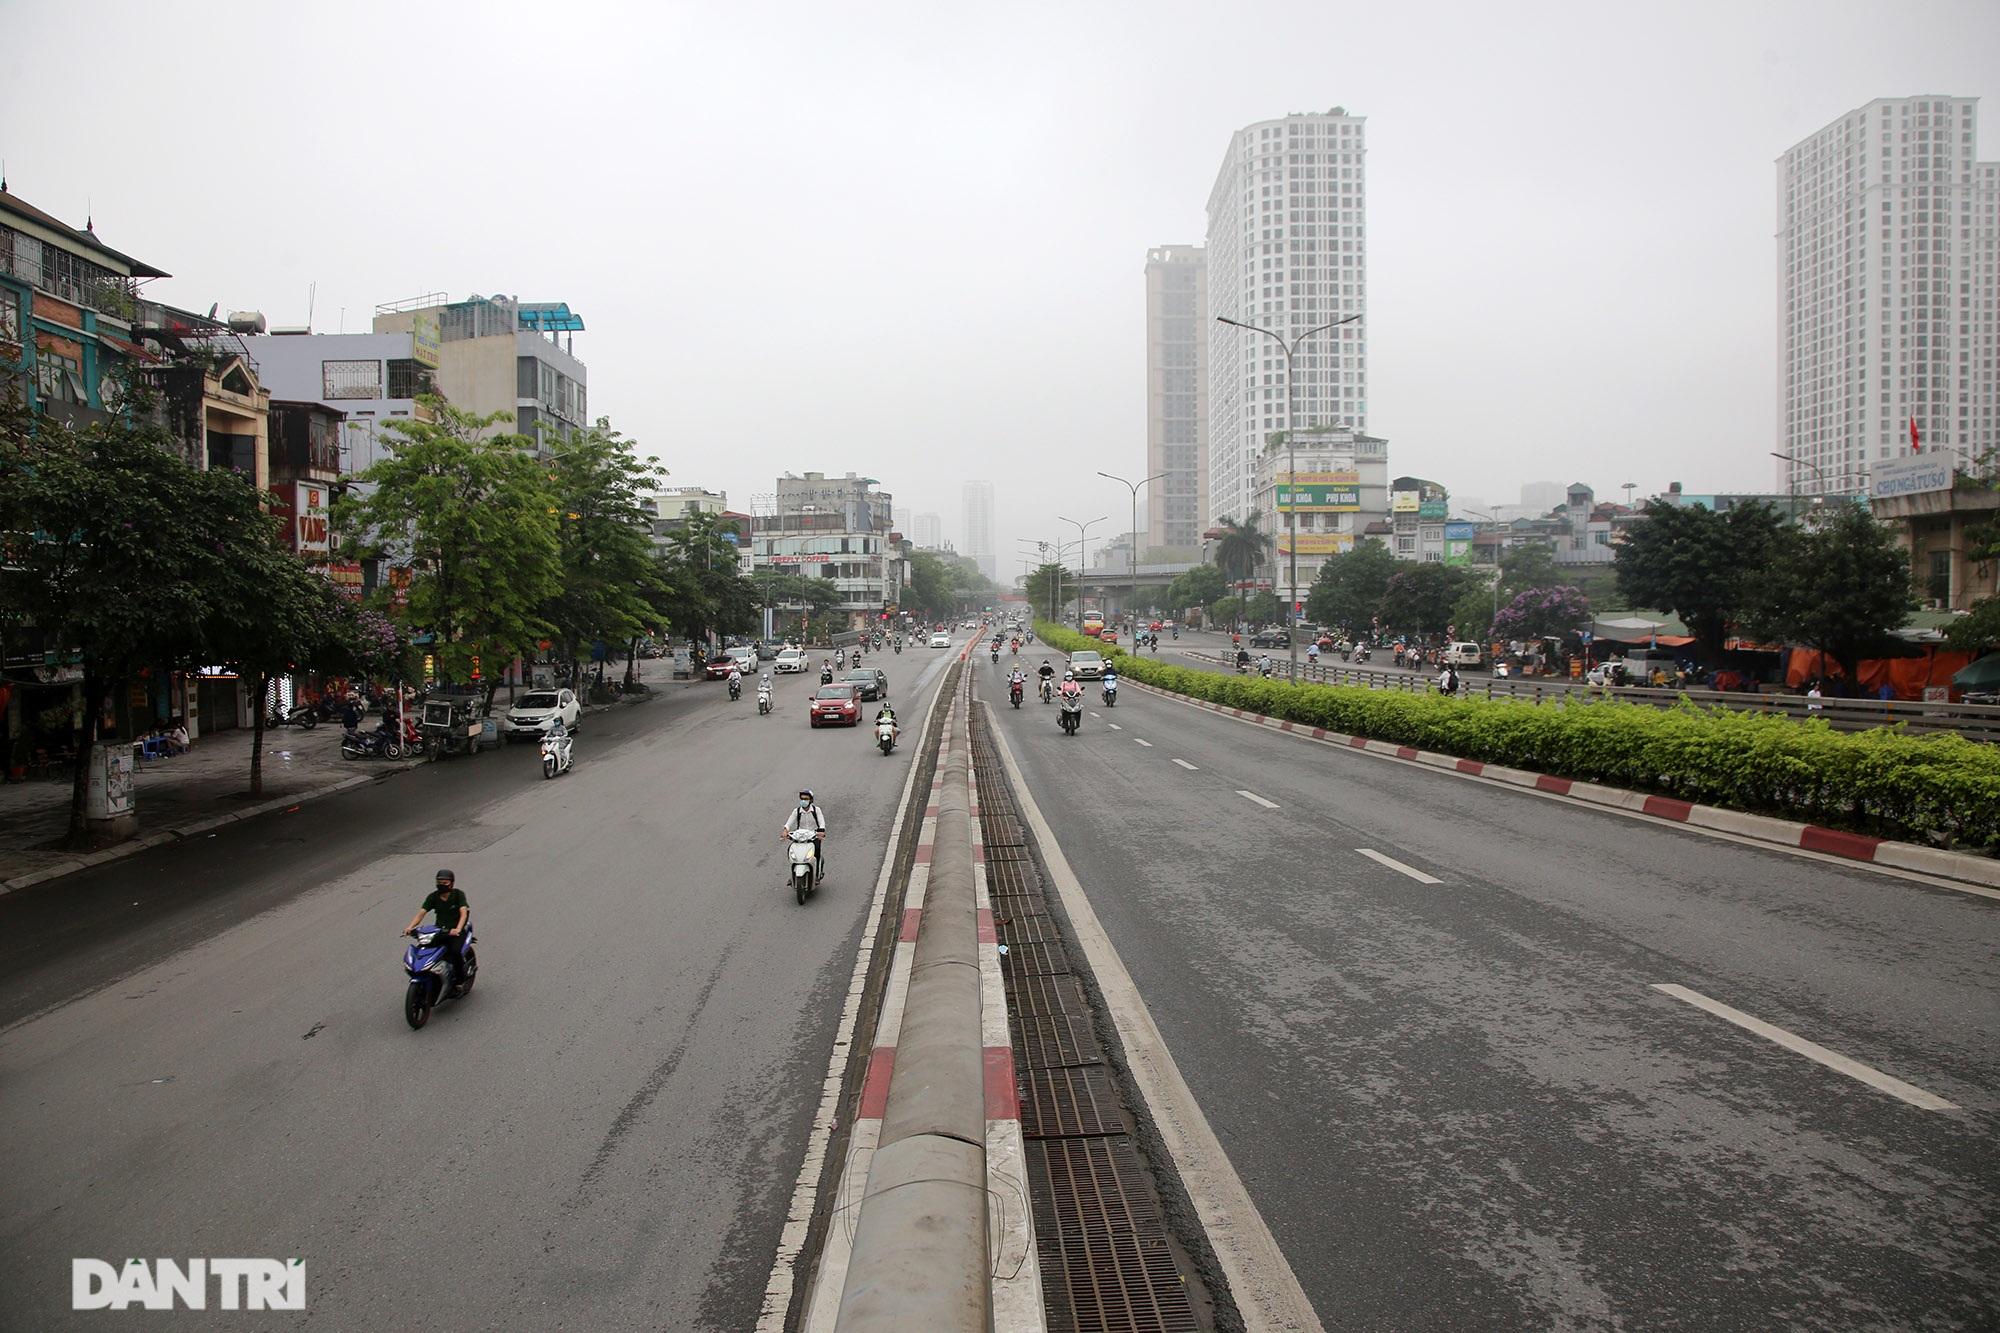 Lo ngại dịch bệnh Covid-19 lây lan, người dân Hà Nội cố thủ trong nhà - 1